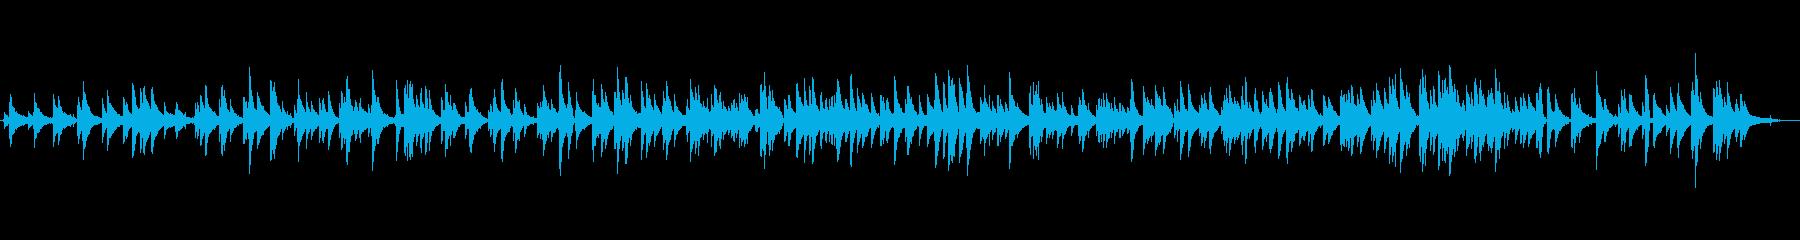 哀愁のマイナージャズワルツ、生ピアノソロの再生済みの波形